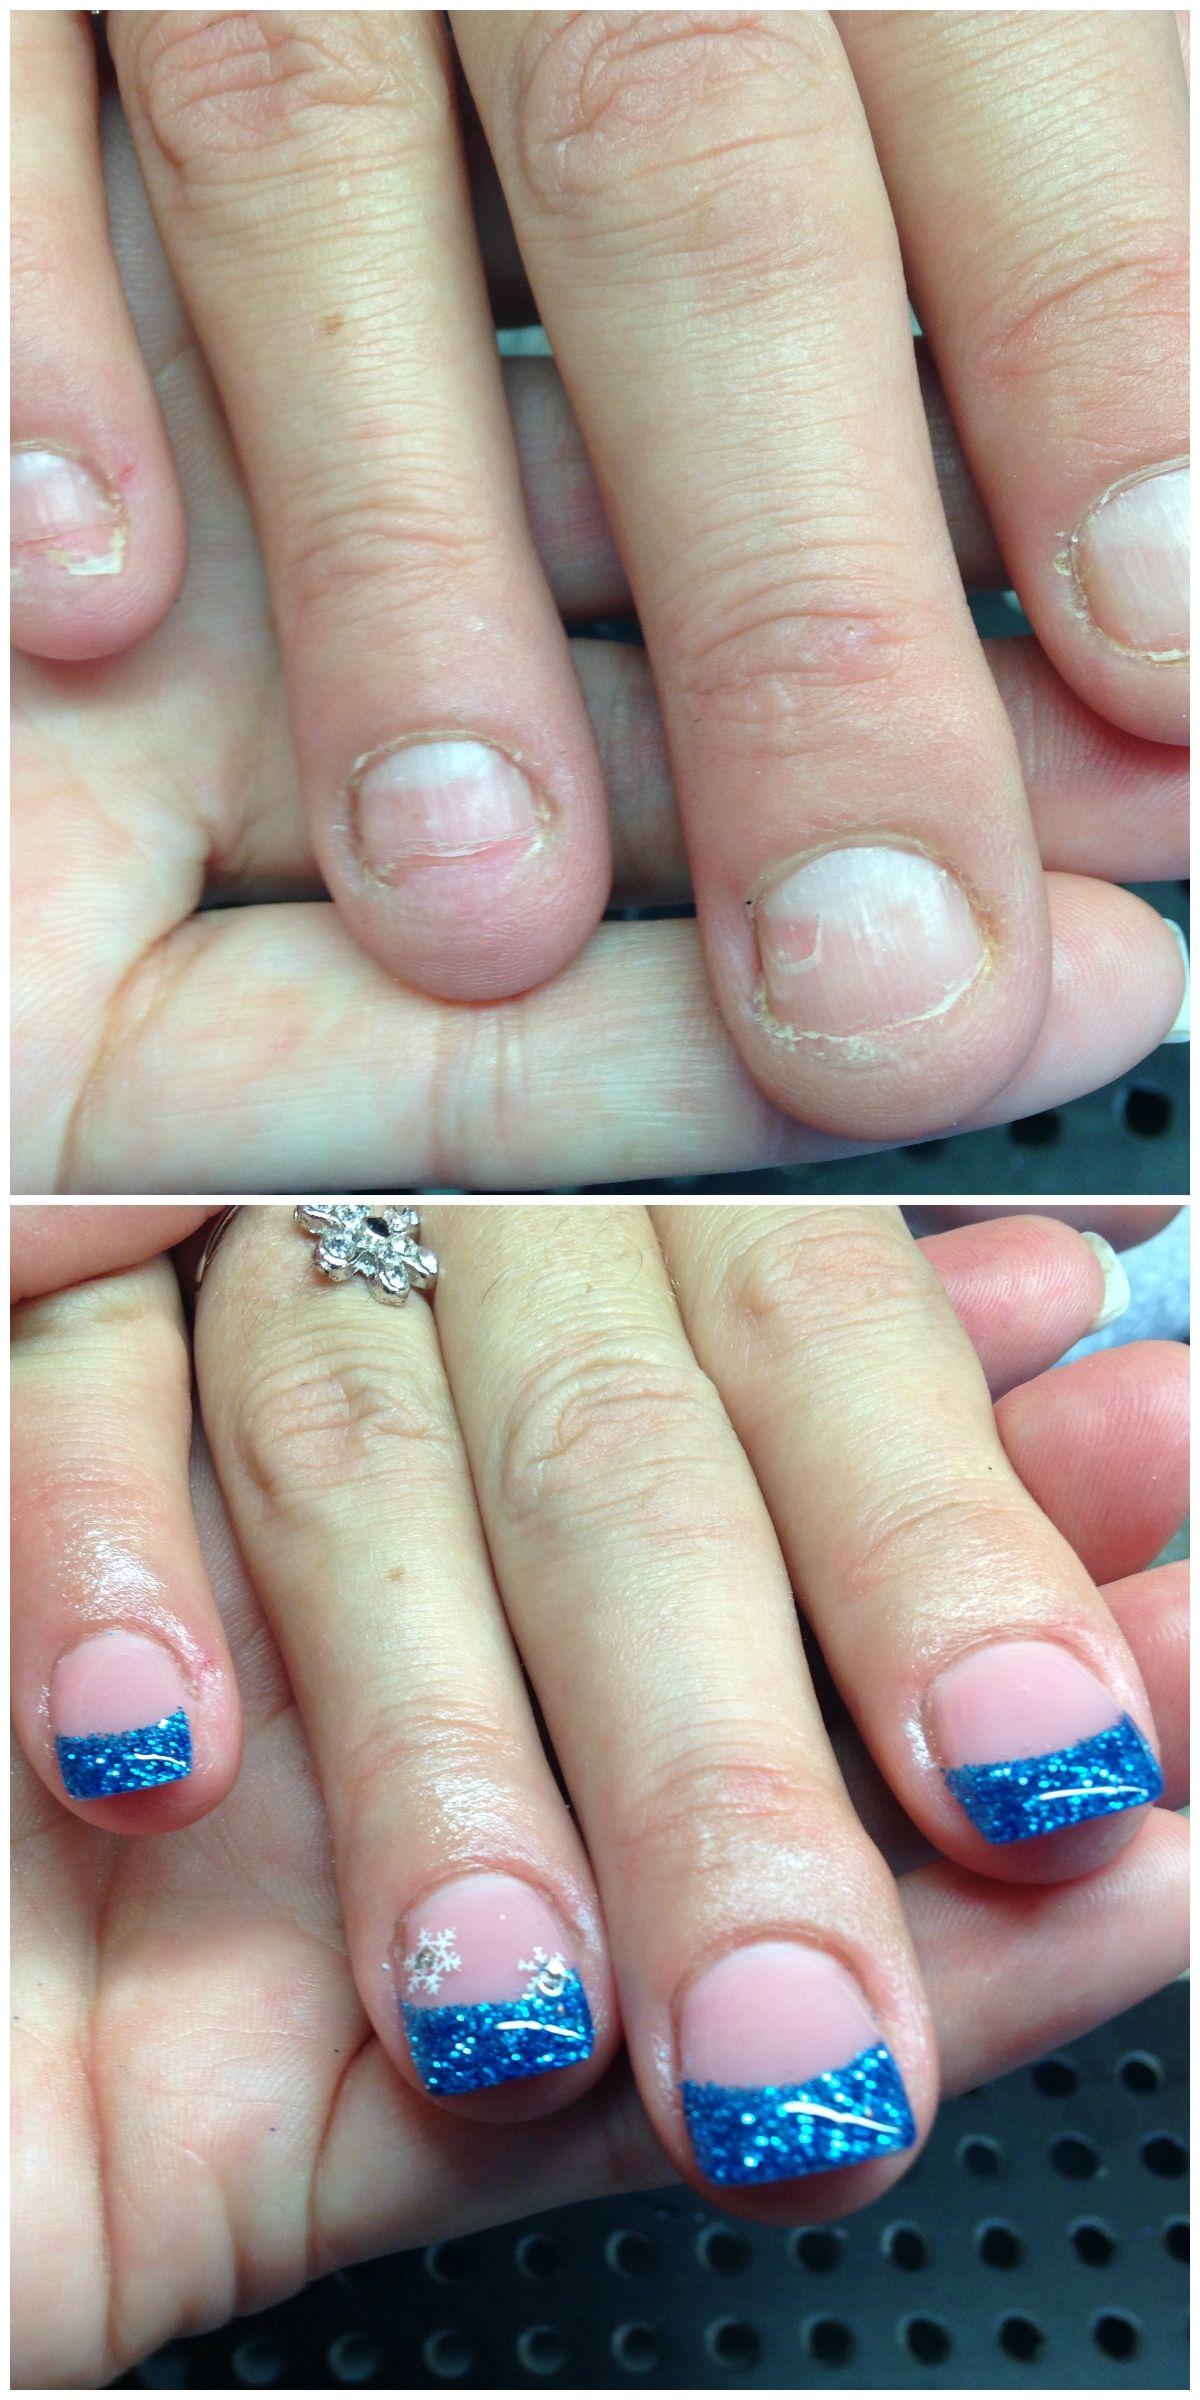 no more nail biting! <3 | Nails Before and after | Pinterest